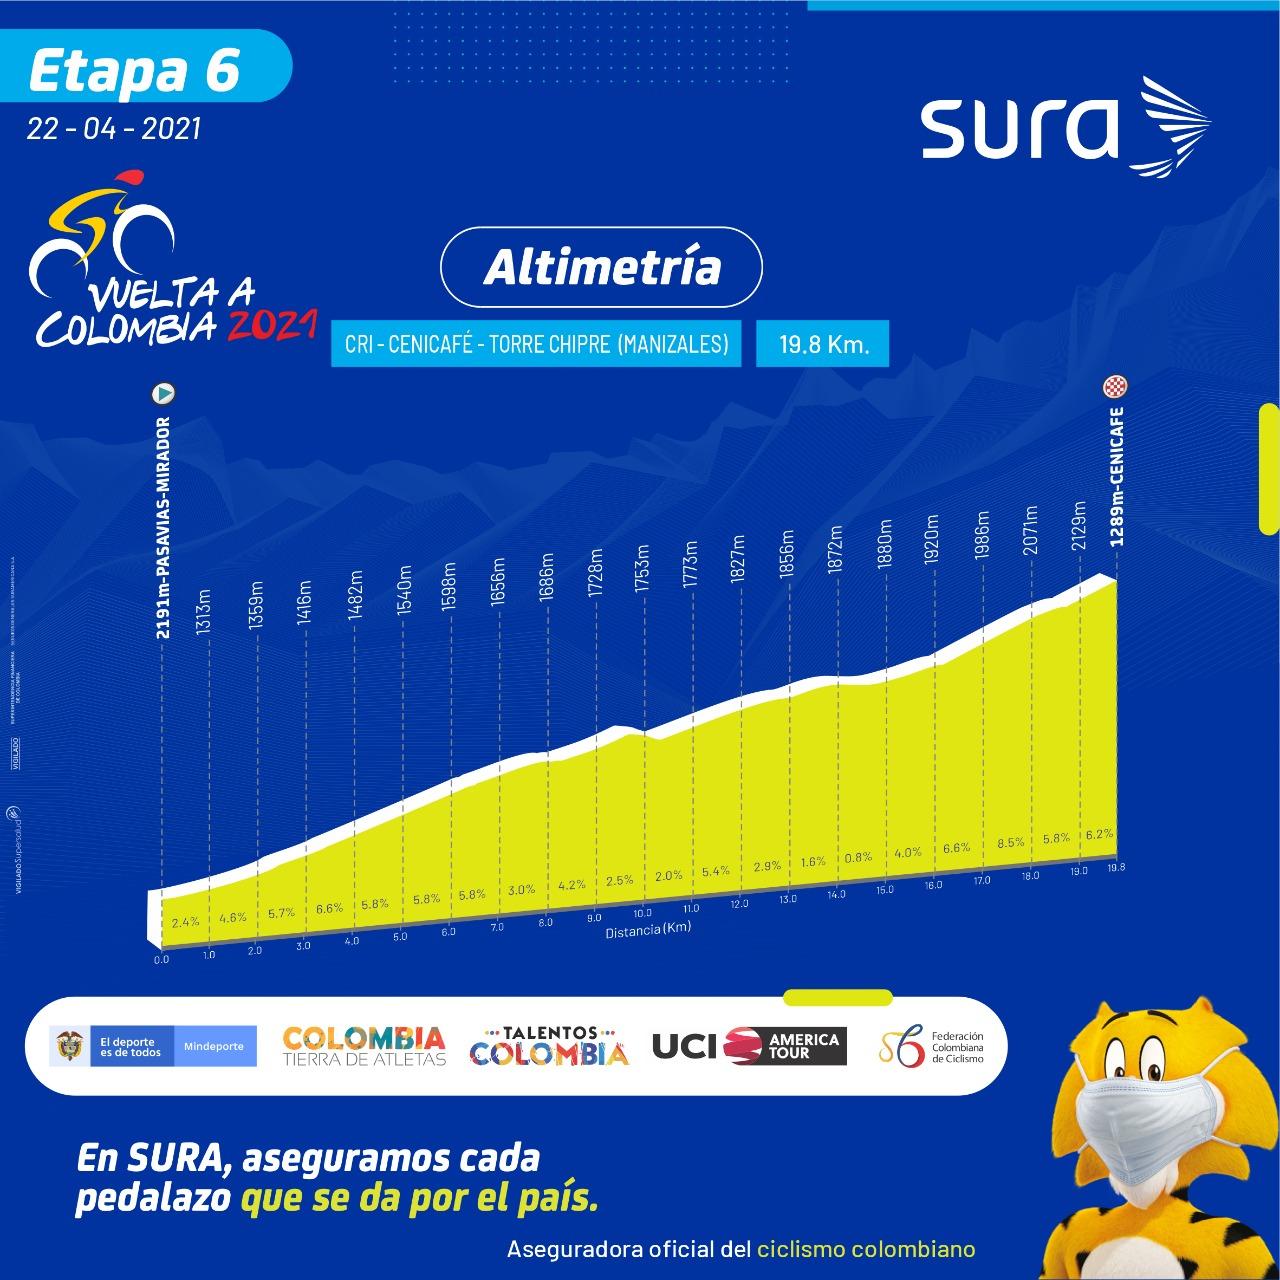 Etapa 6 Vuelta a Colombia 2021